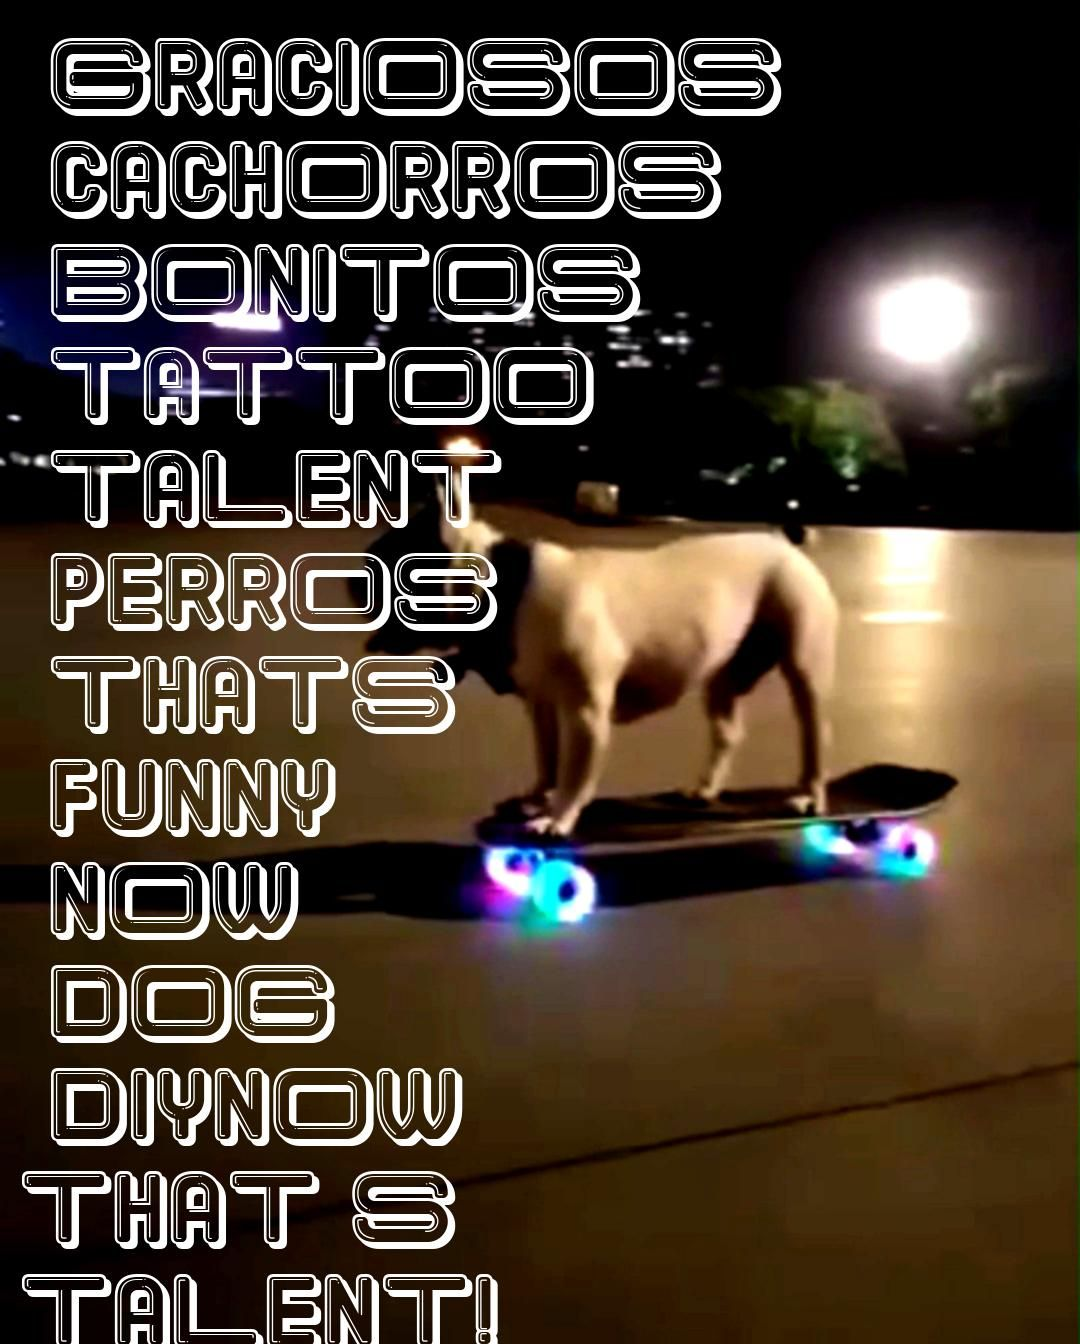 thats talent  diy funny tattoo bonitos cachorros graciososNow thats talent  diy funny tattoo bonitos cachorros graciosos PRODUCT FEATURES Infrared sensing It will escape...